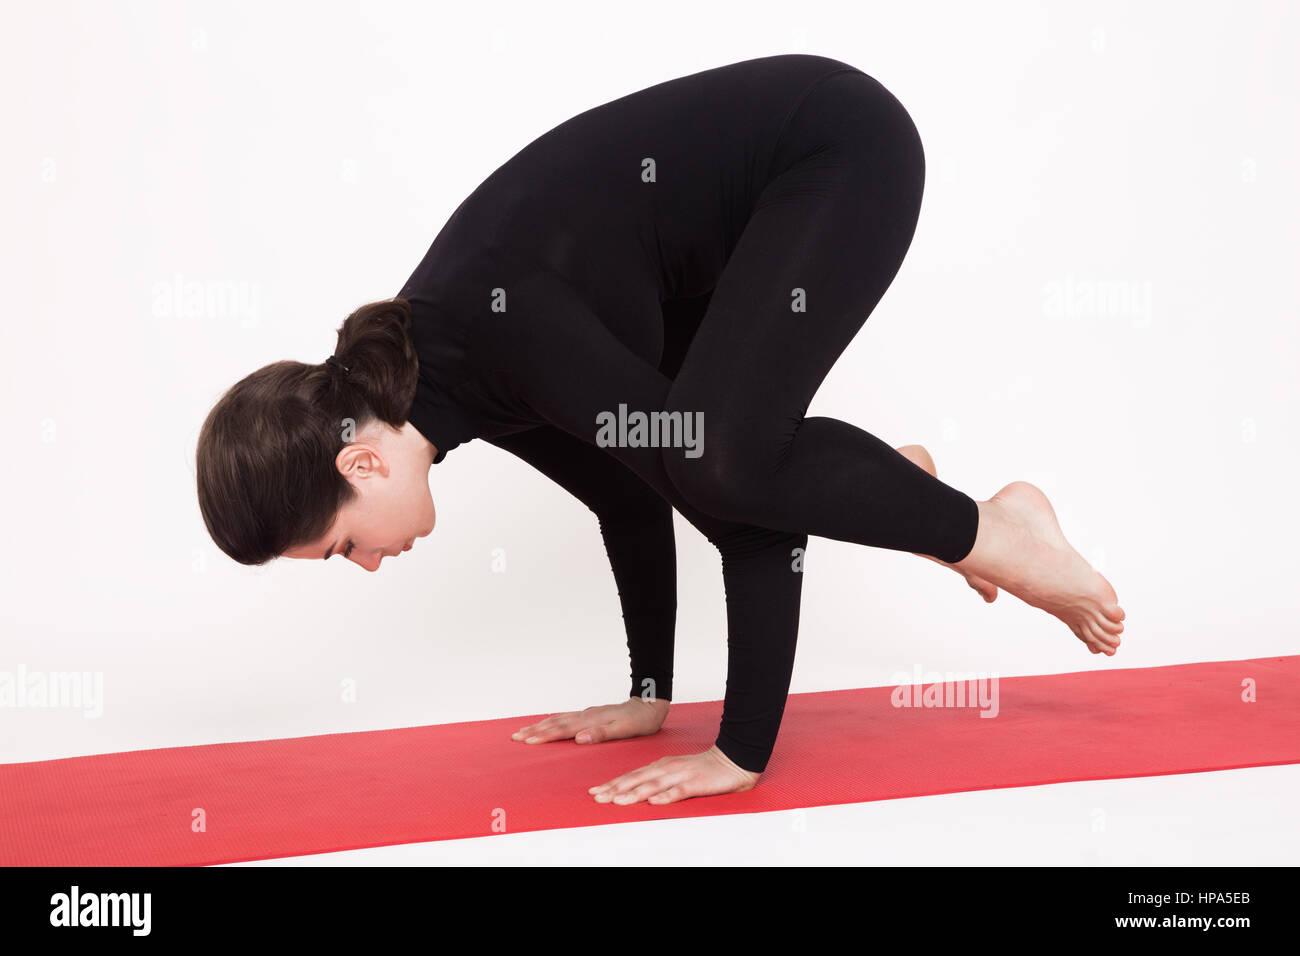 Beautiful athletic girl in a black suit doing yoga. Kakasana asana - crow pose . Isolated on white background. - Stock Image